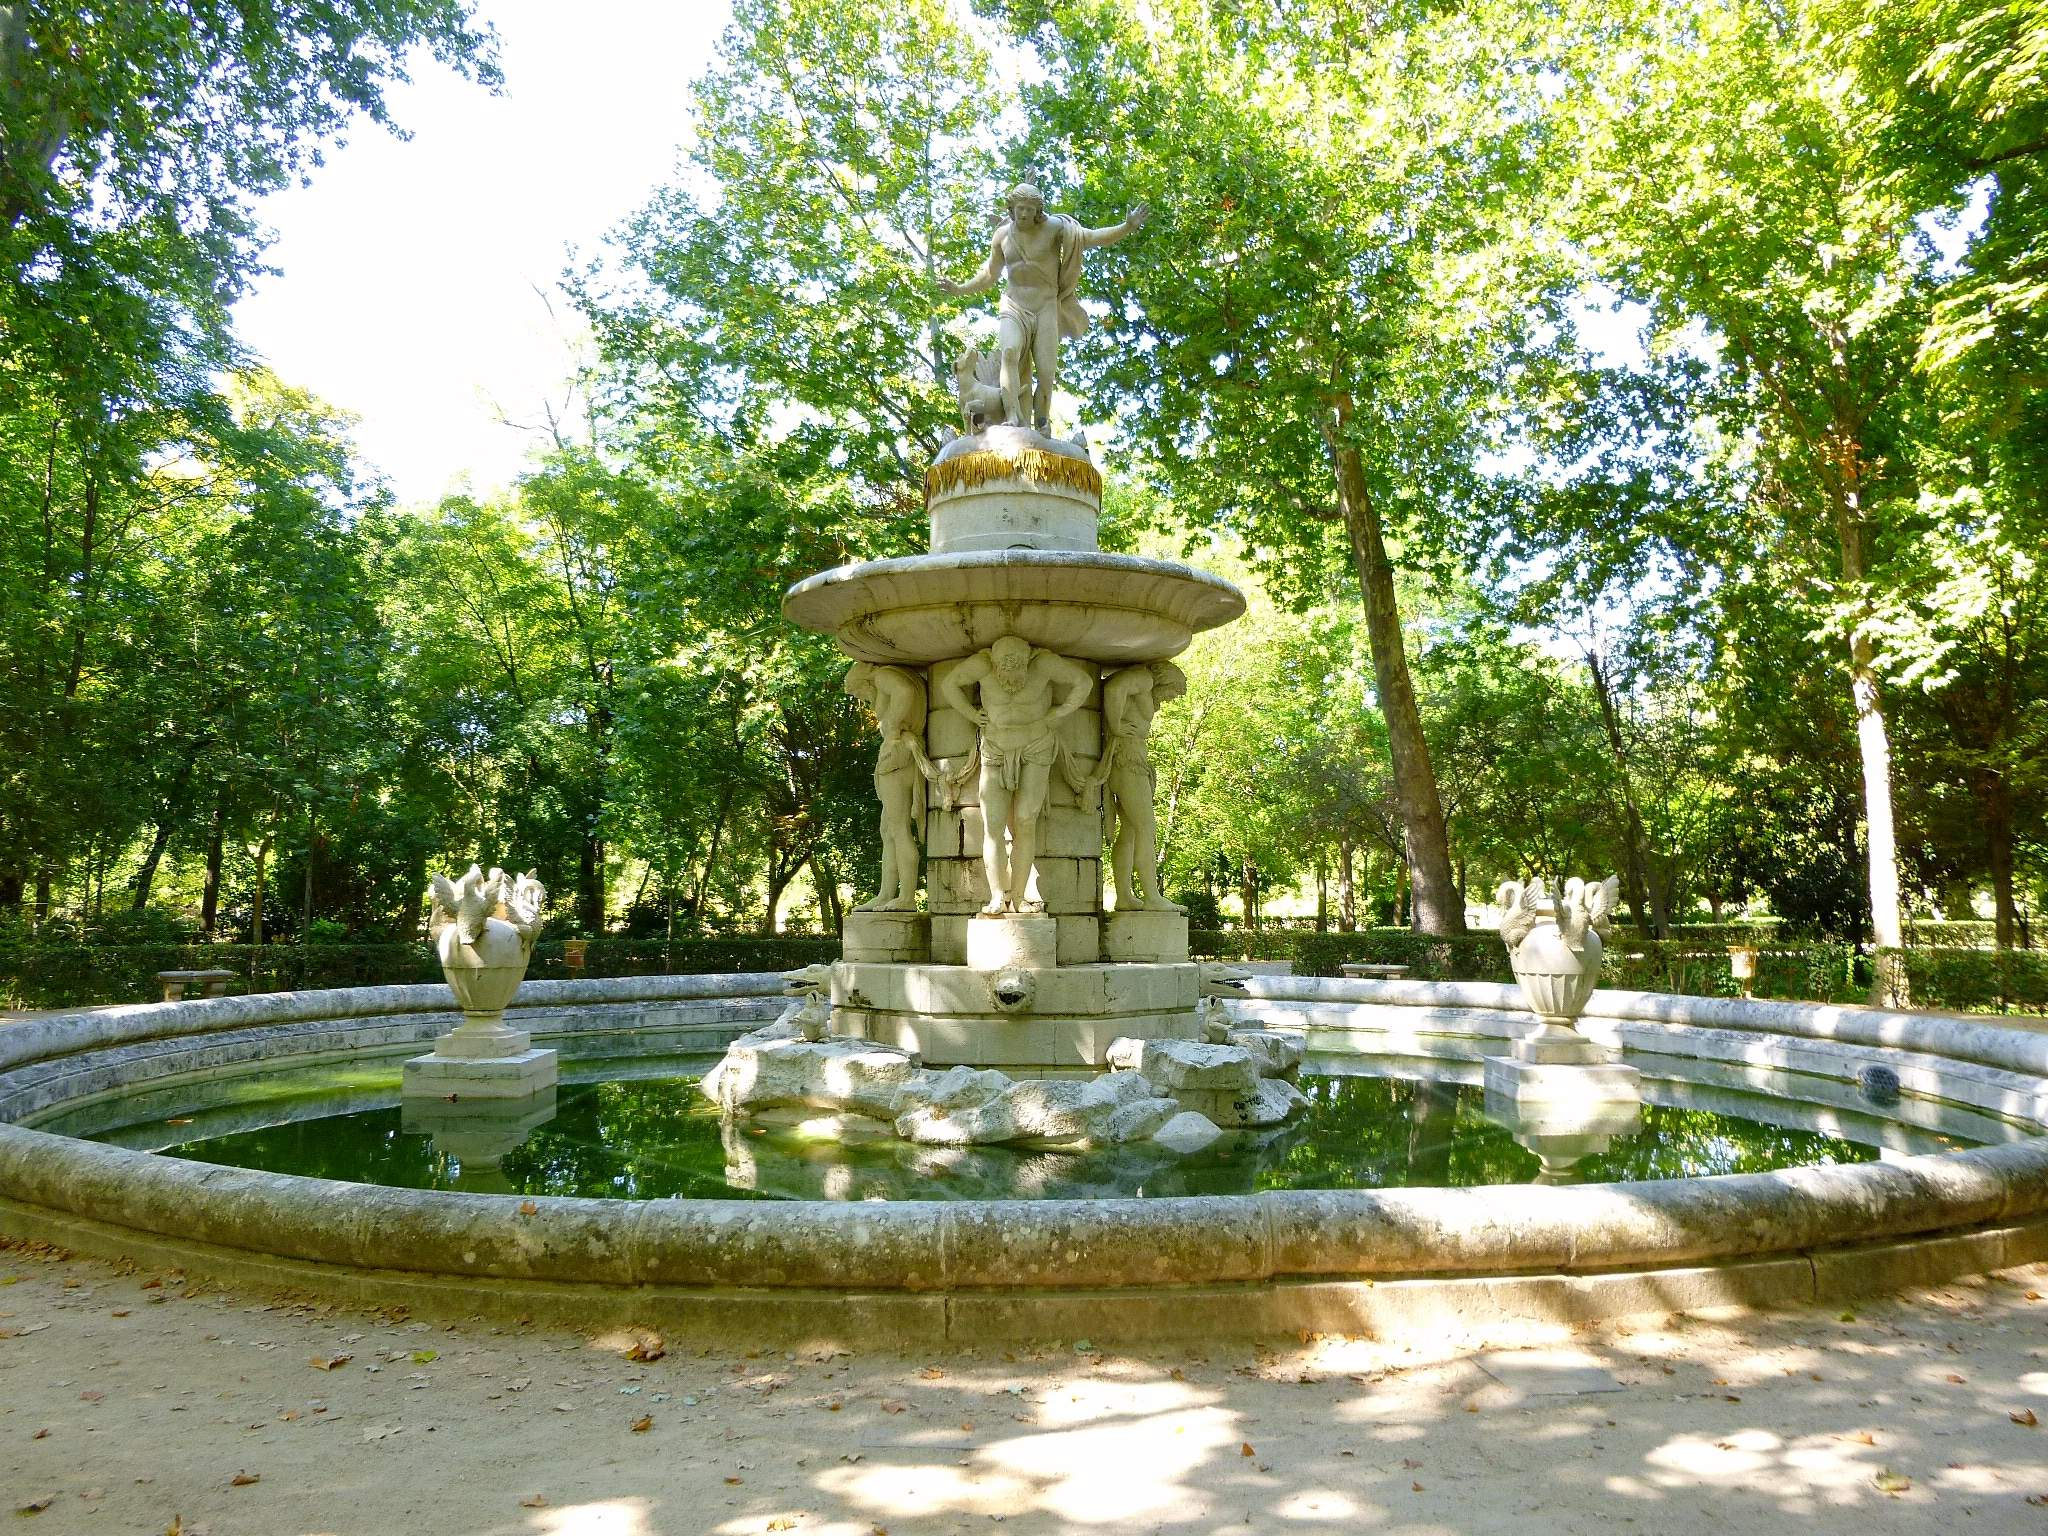 Fuente jardin fuente de jardn de hormign clsica pep for Fuentes de jardin